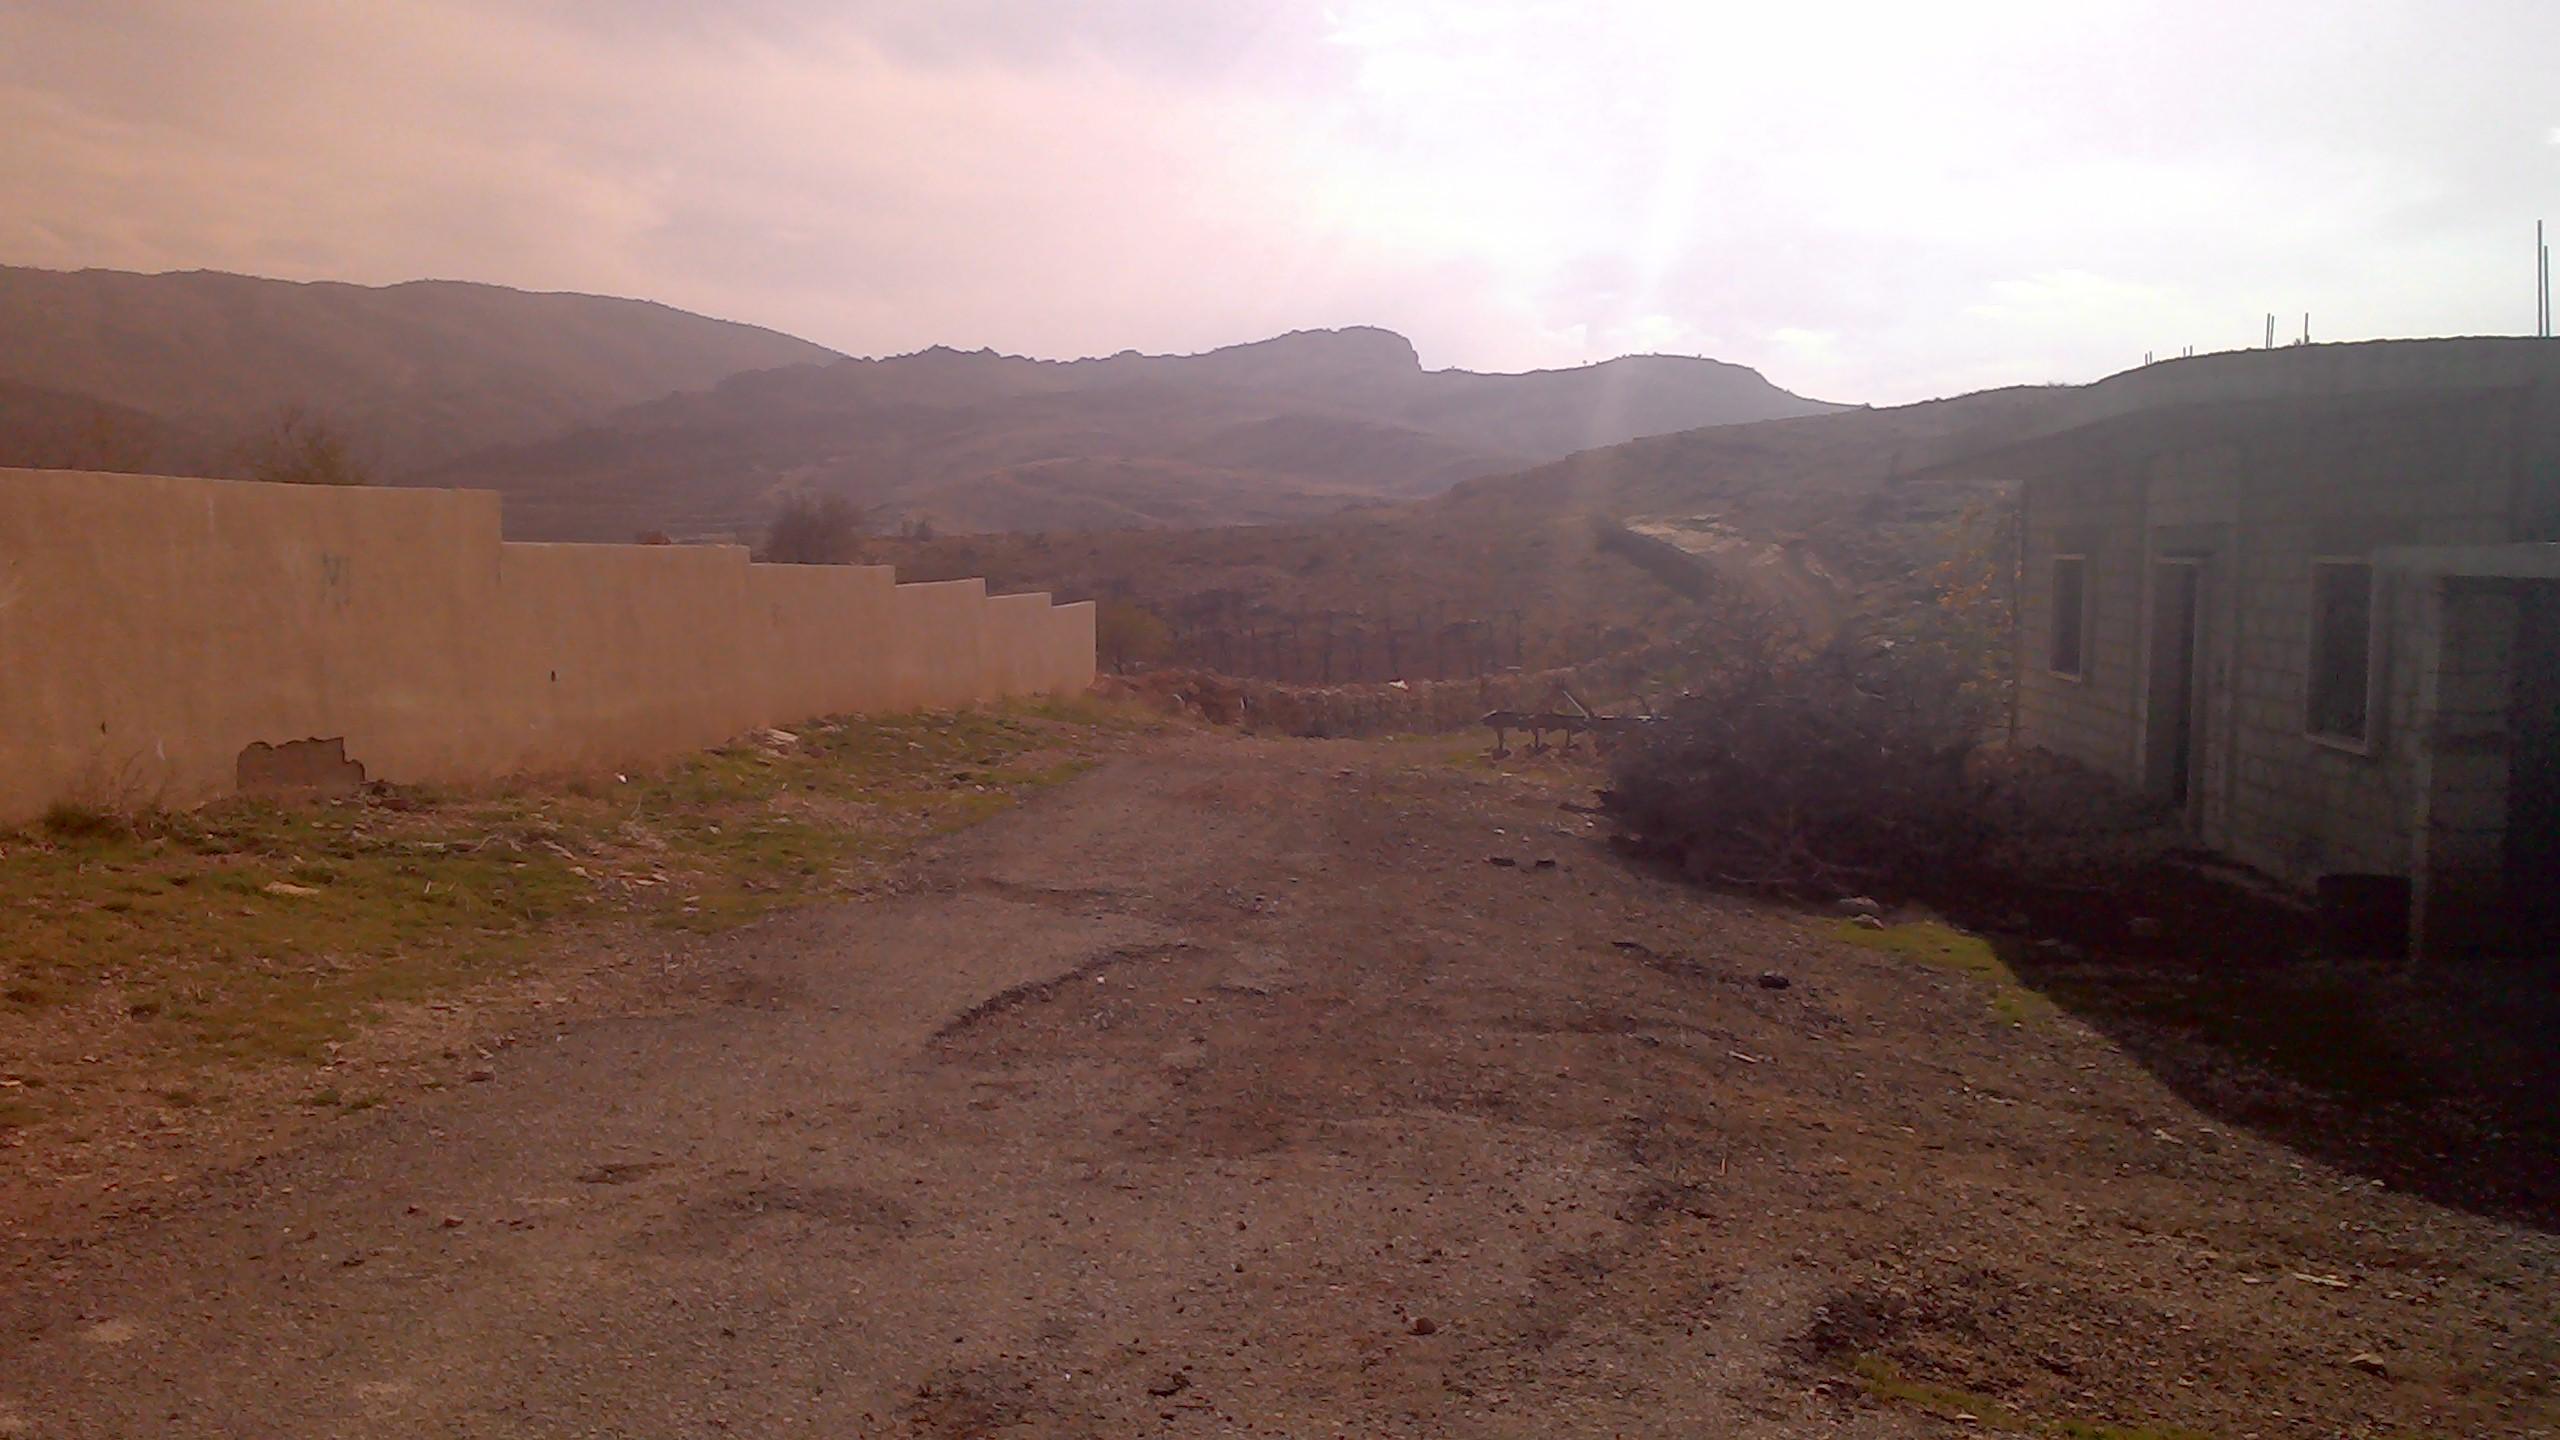 A visit to Khraybeh Municipality 4